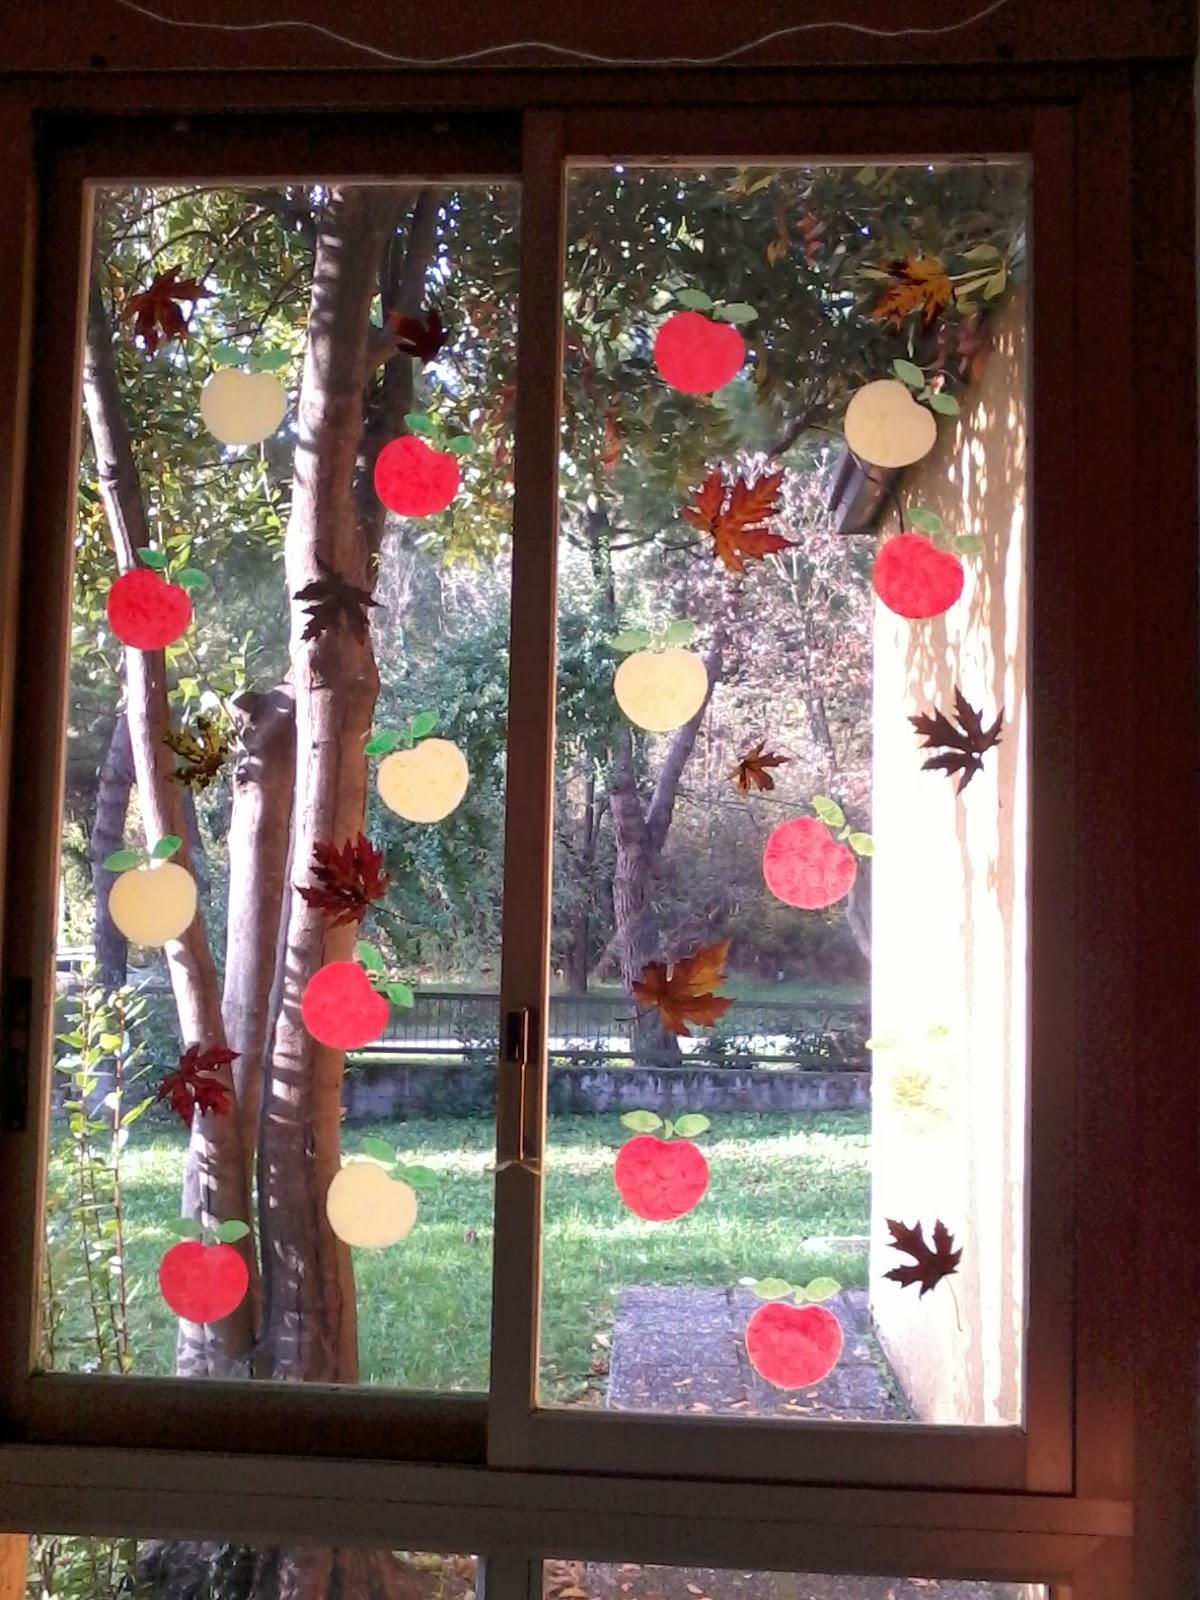 Maestra laura l 39 autunno alle porte anzi alle finestre - Si espongono alle finestre ...